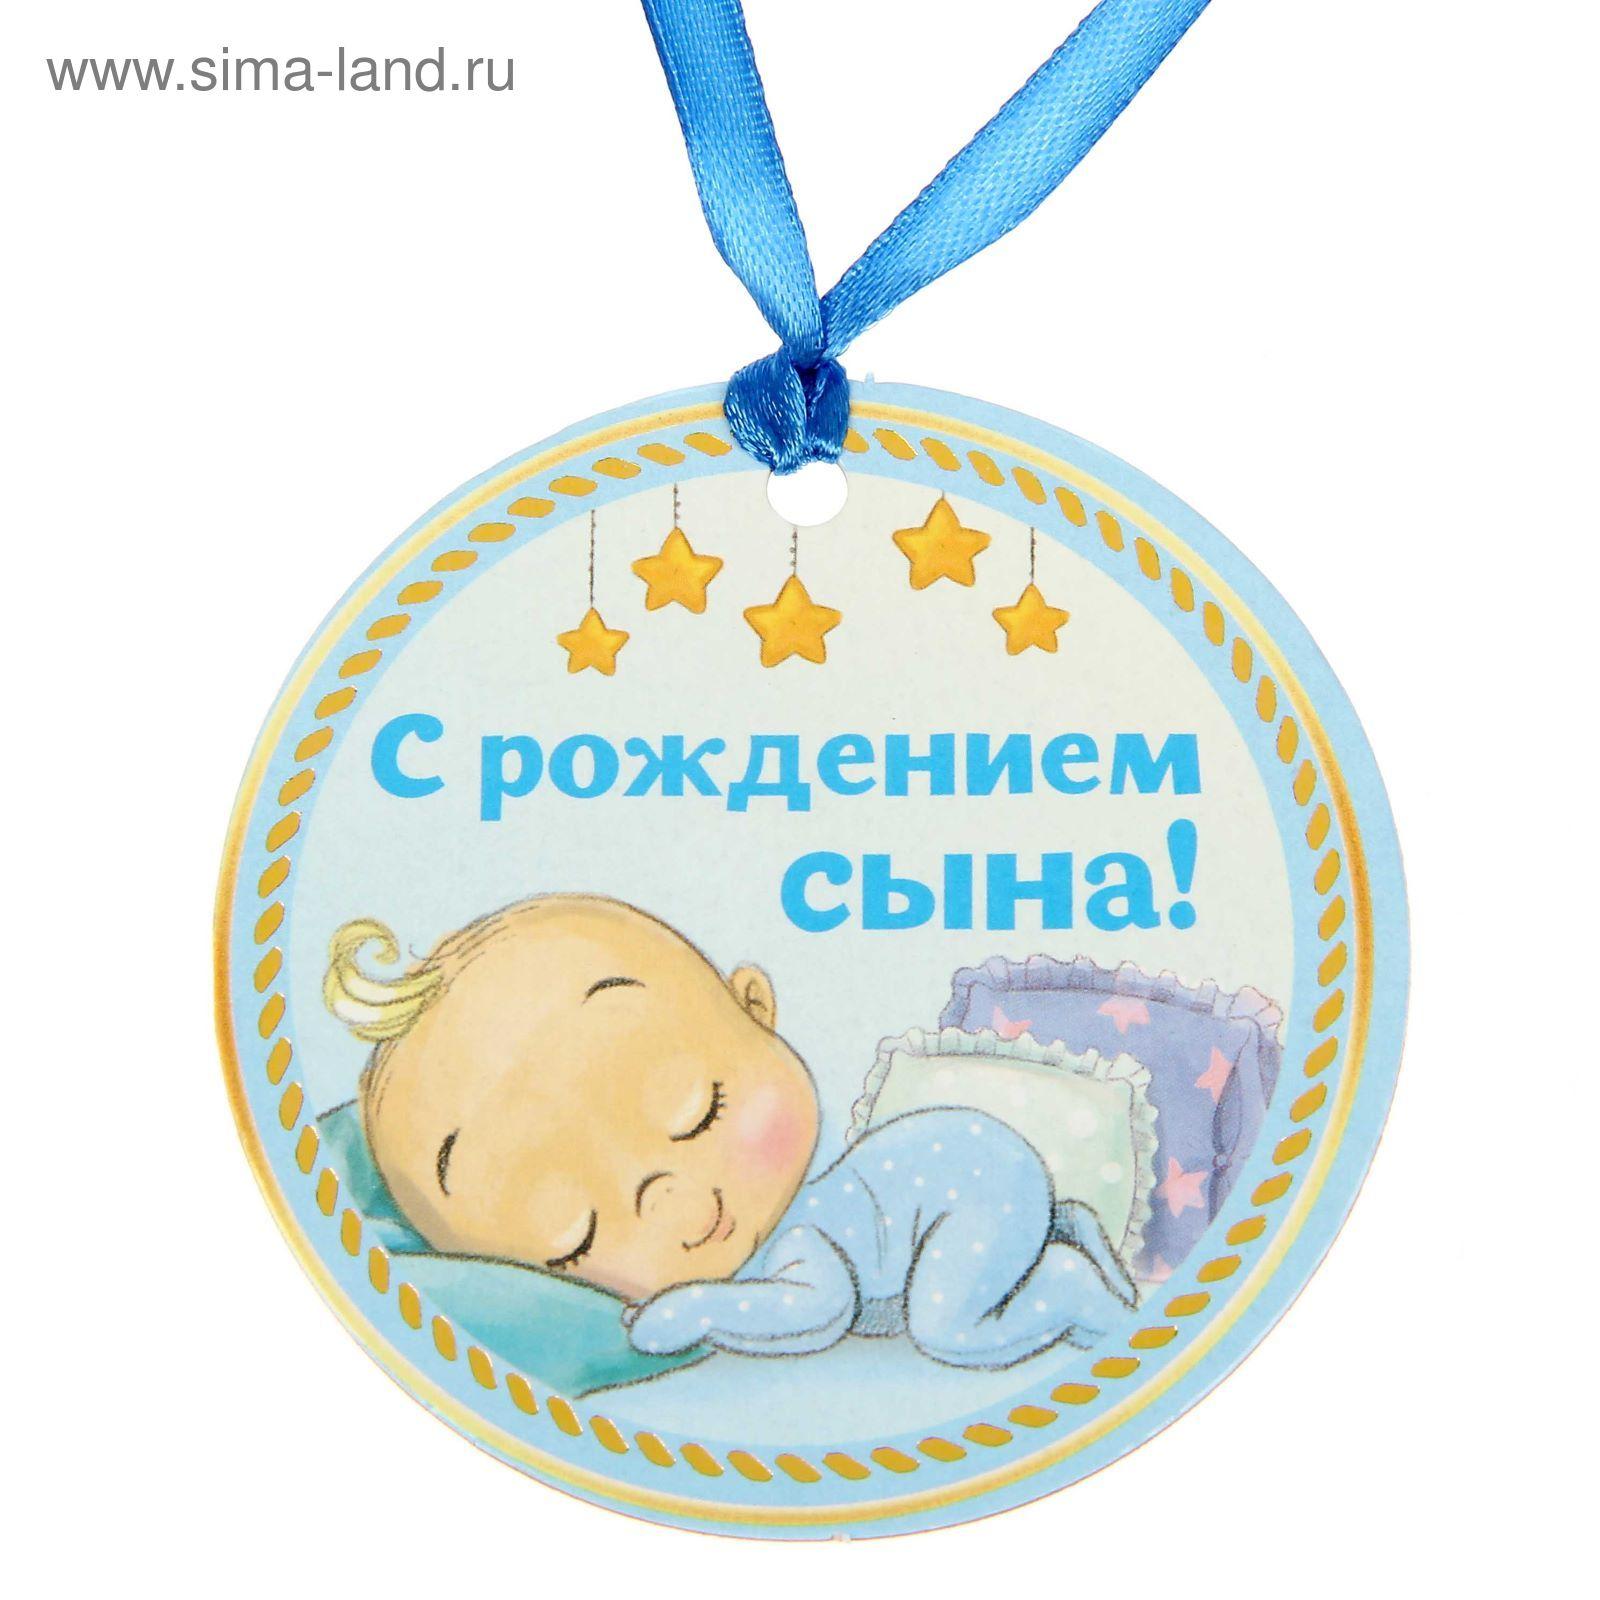 Поздравление мамы с рождением сына открытка